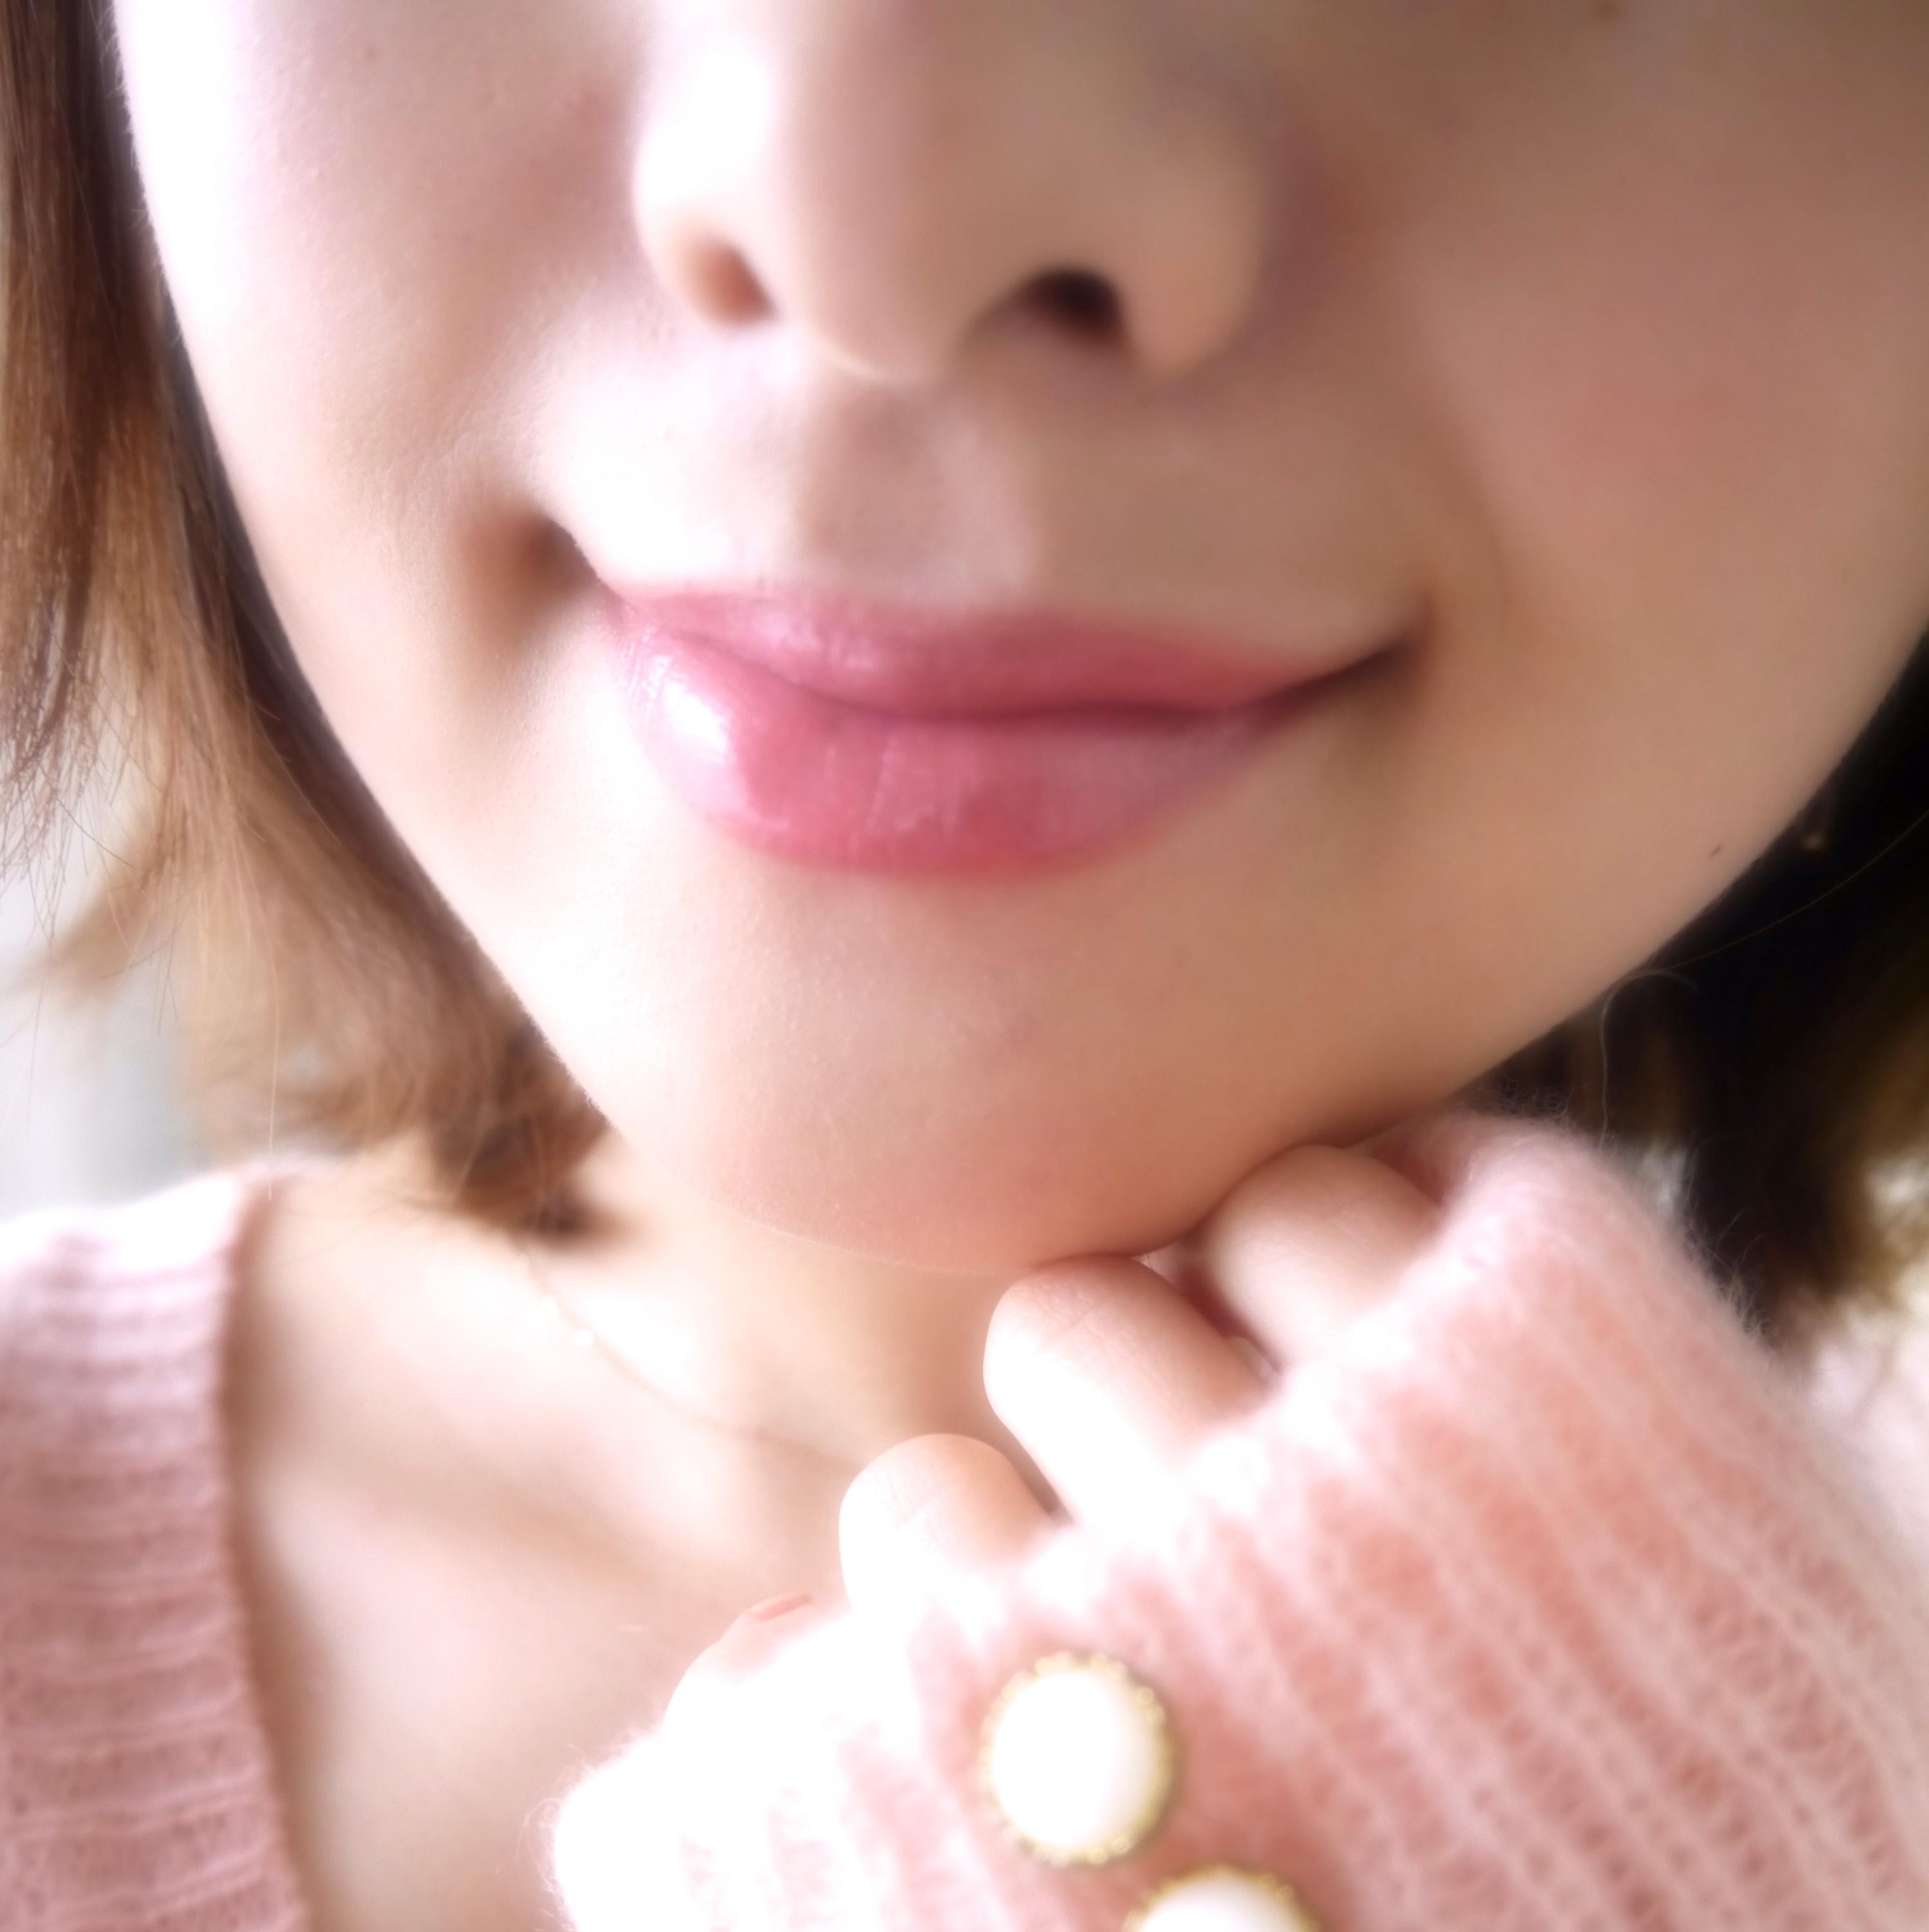 透明感とツヤのある唇に!「ランコム」のリップグロスを紹介!のサムネイル画像